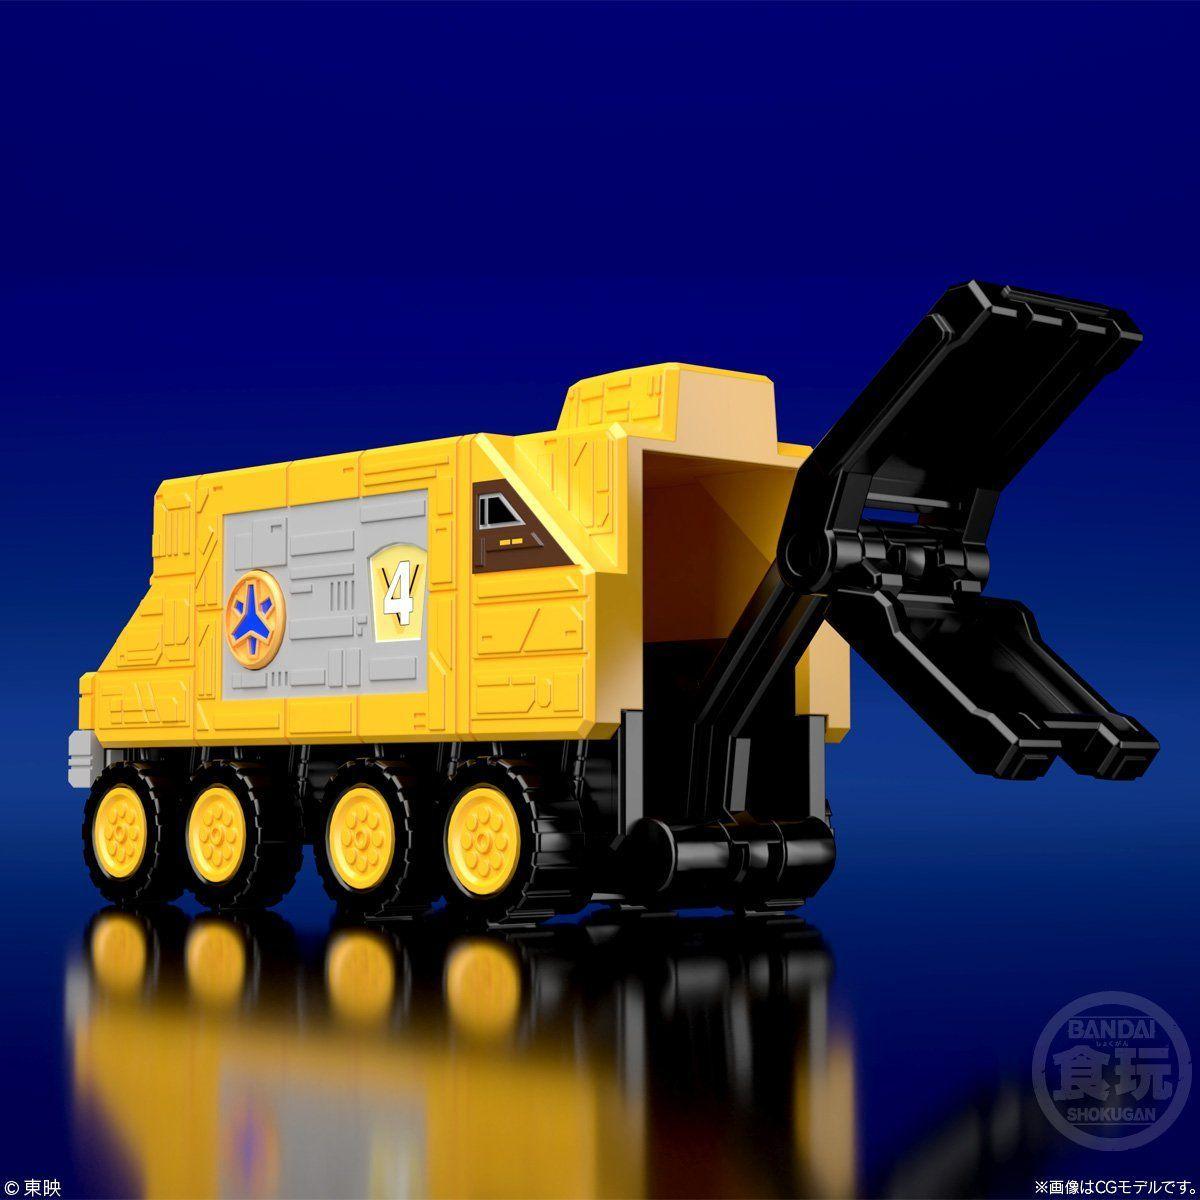 【食玩】スーパーミニプラ『緊急合体 ビクトリーロボ』救急戦隊ゴーゴーファイブ プラモデル-005